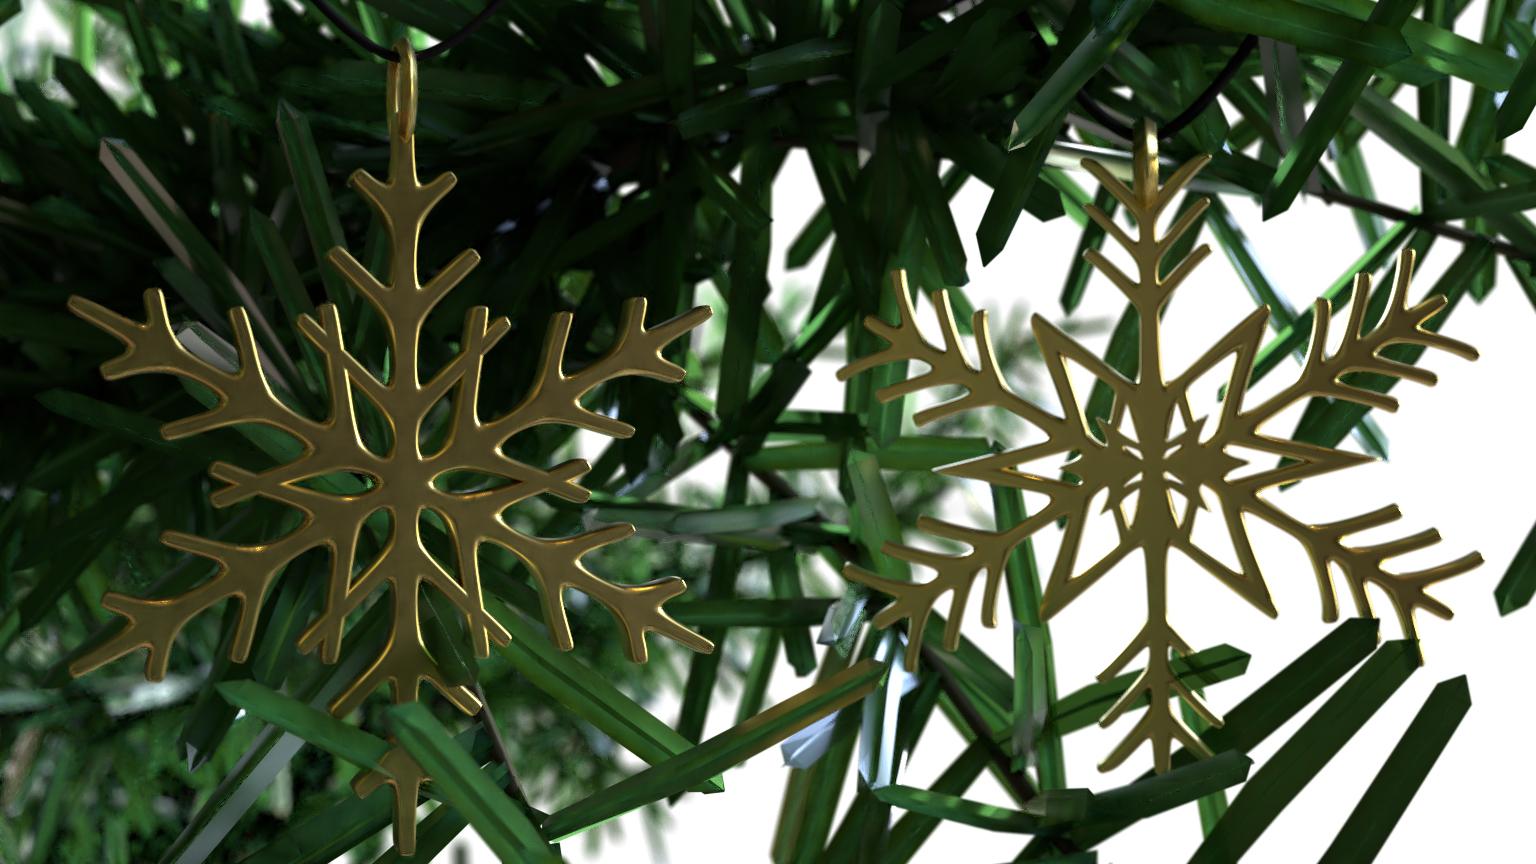 pines .jpg Télécharger fichier STL gratuit Pendentif flocon de neige Modèle d'impression 3D de l'arbre de Noël • Objet imprimable en 3D, ryanmaicol